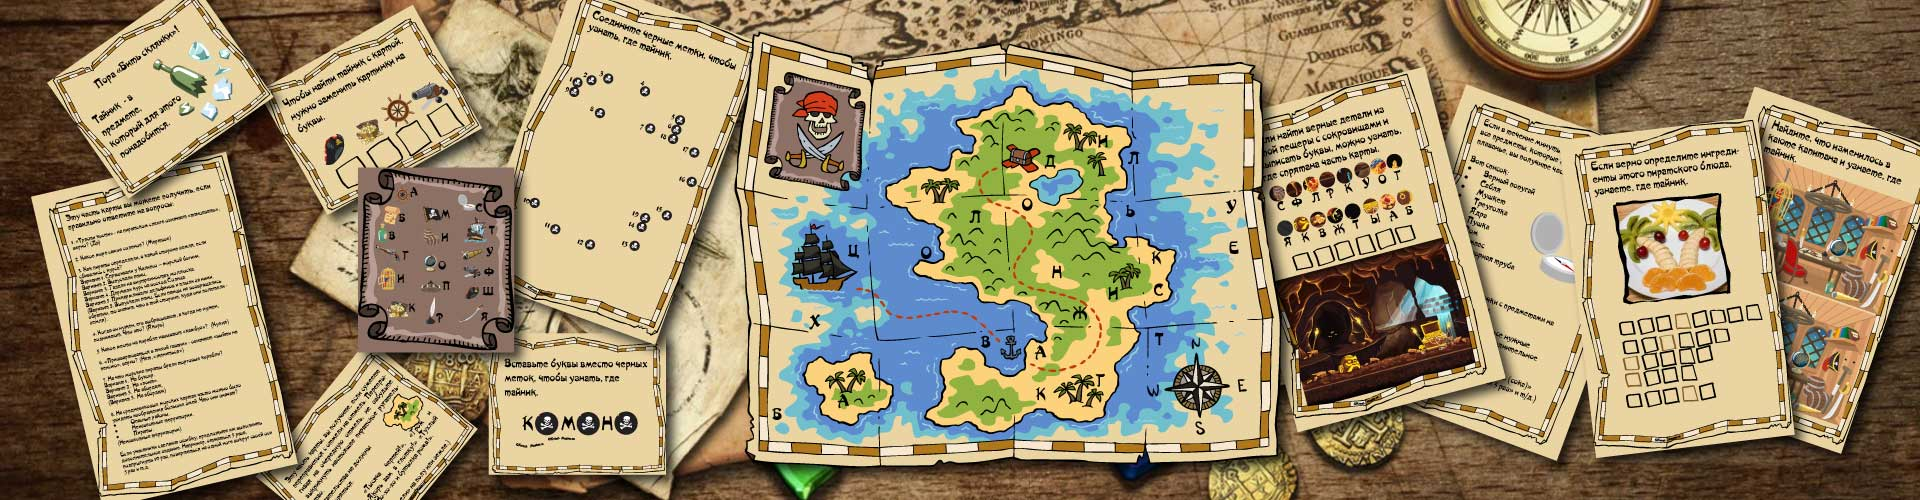 квест для детей сценарий пираты